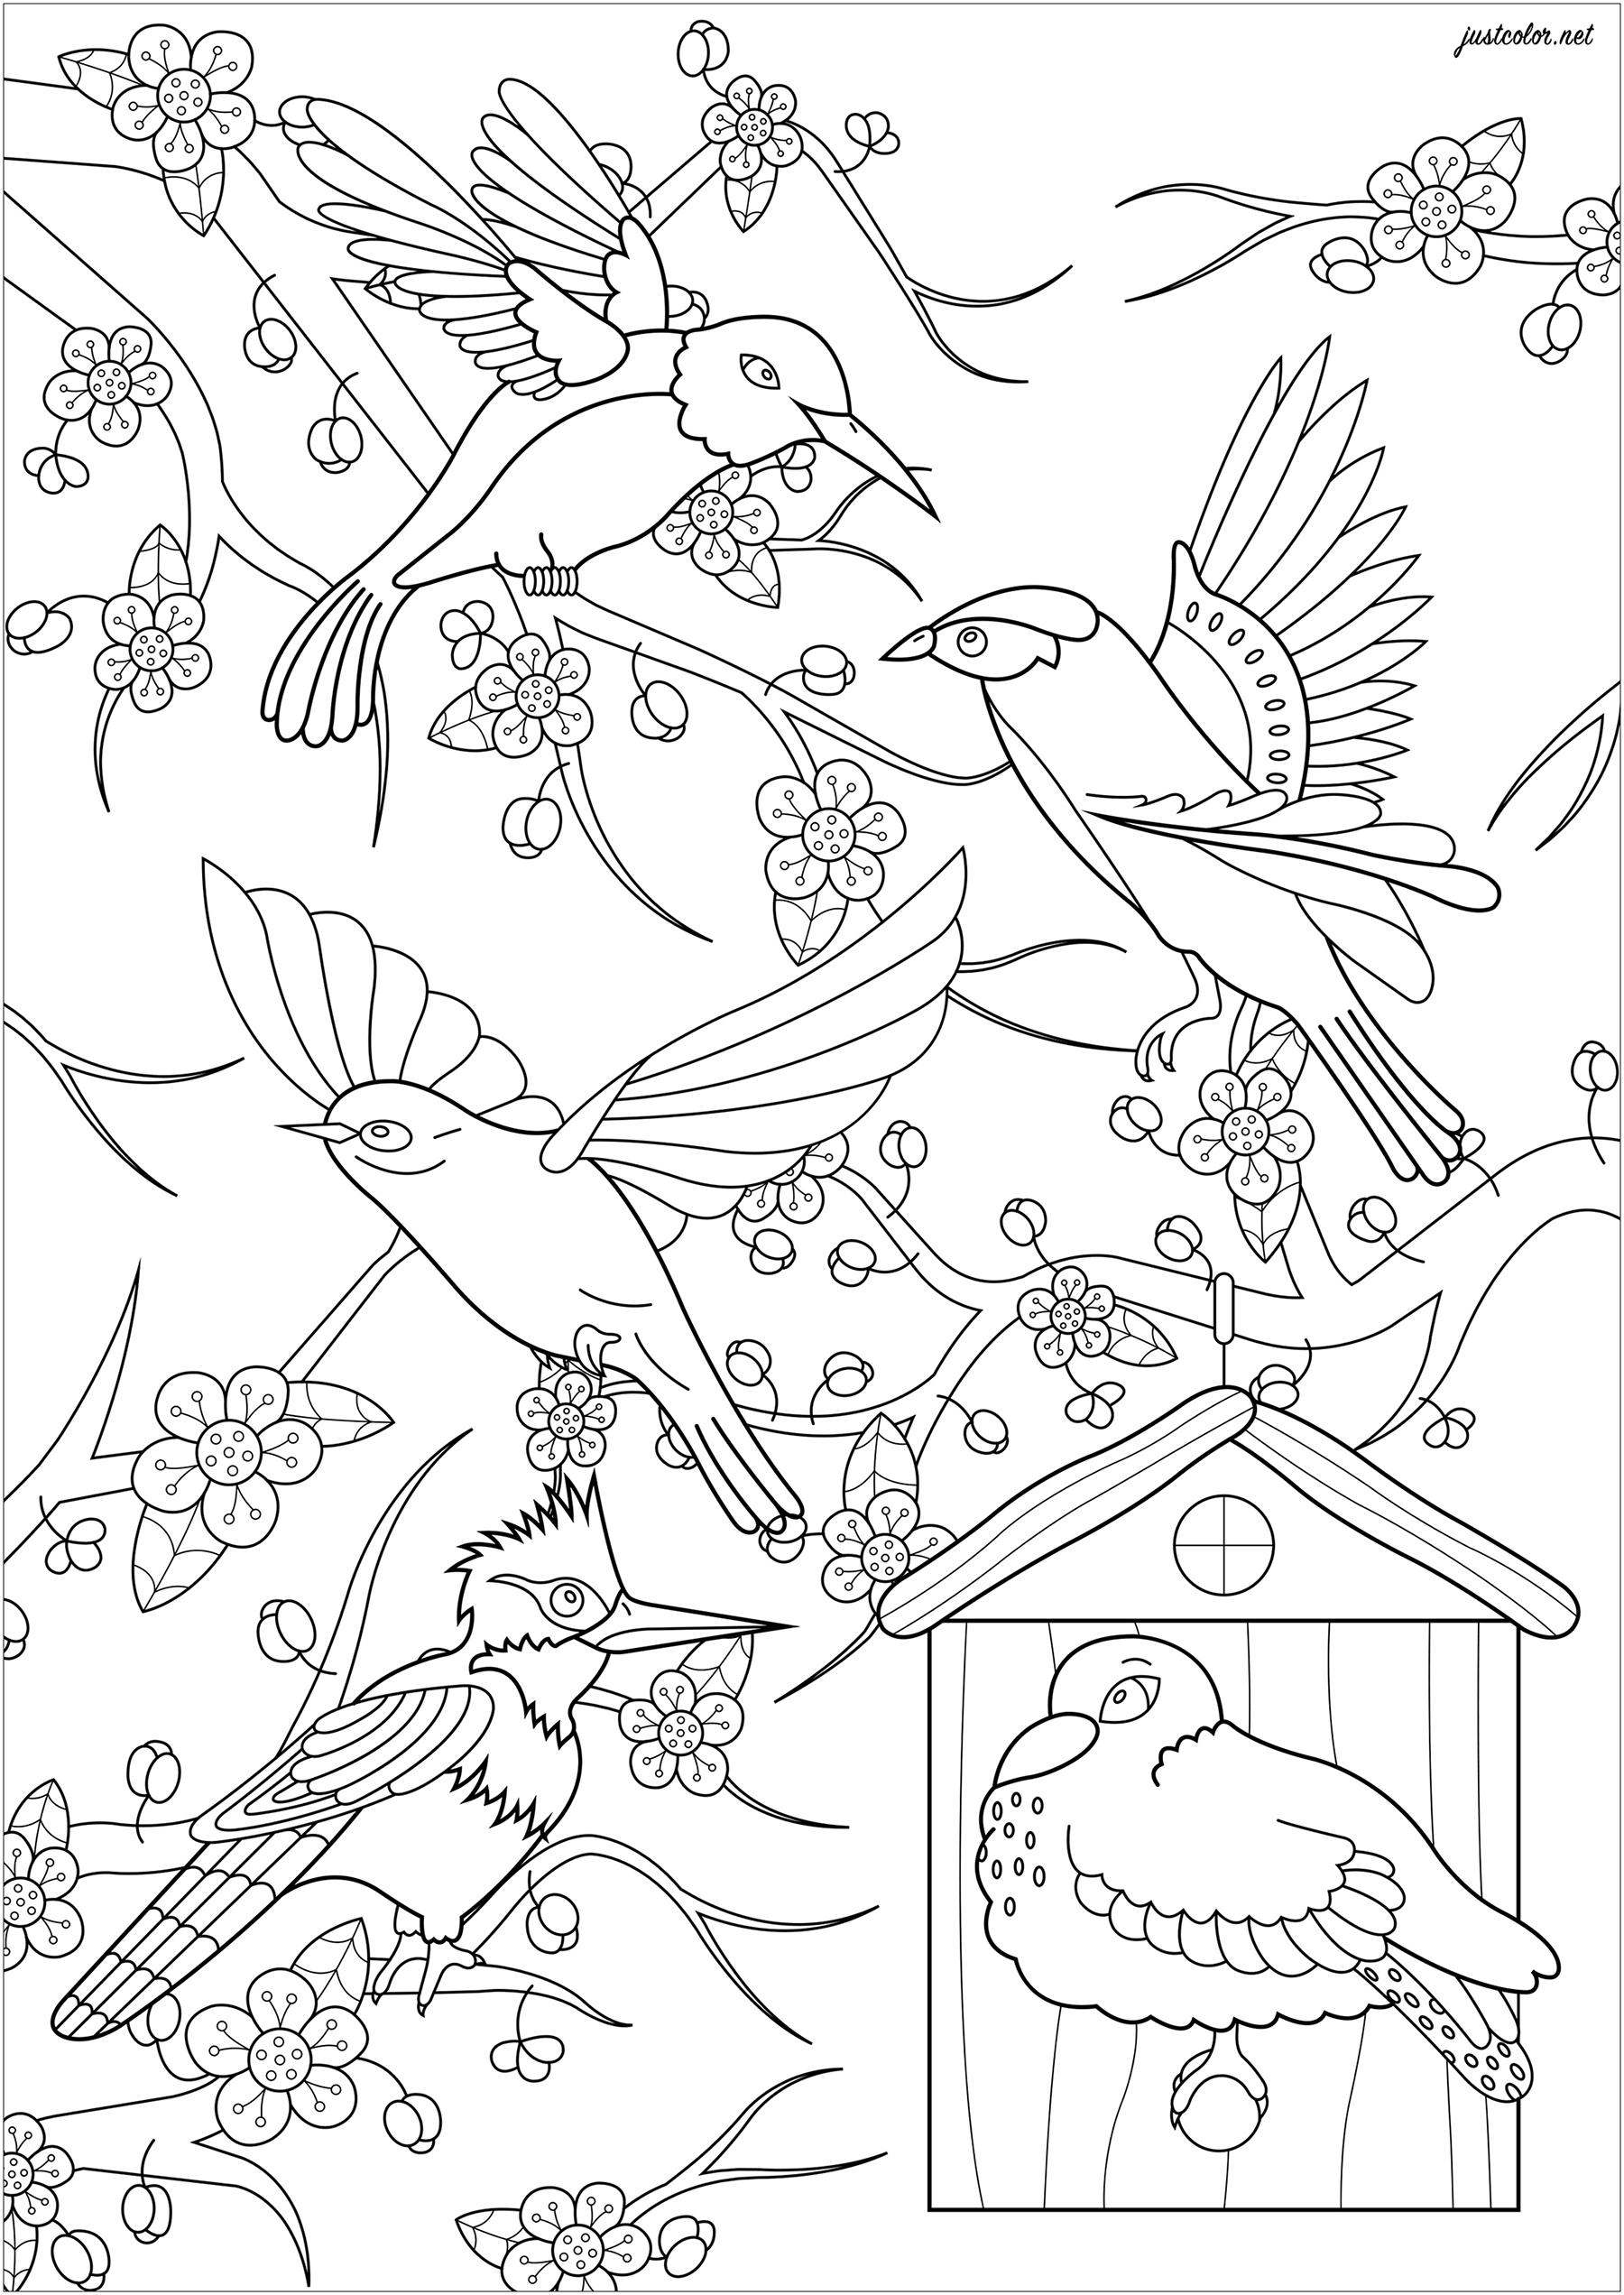 Colorear para Adultos : Aves - 1